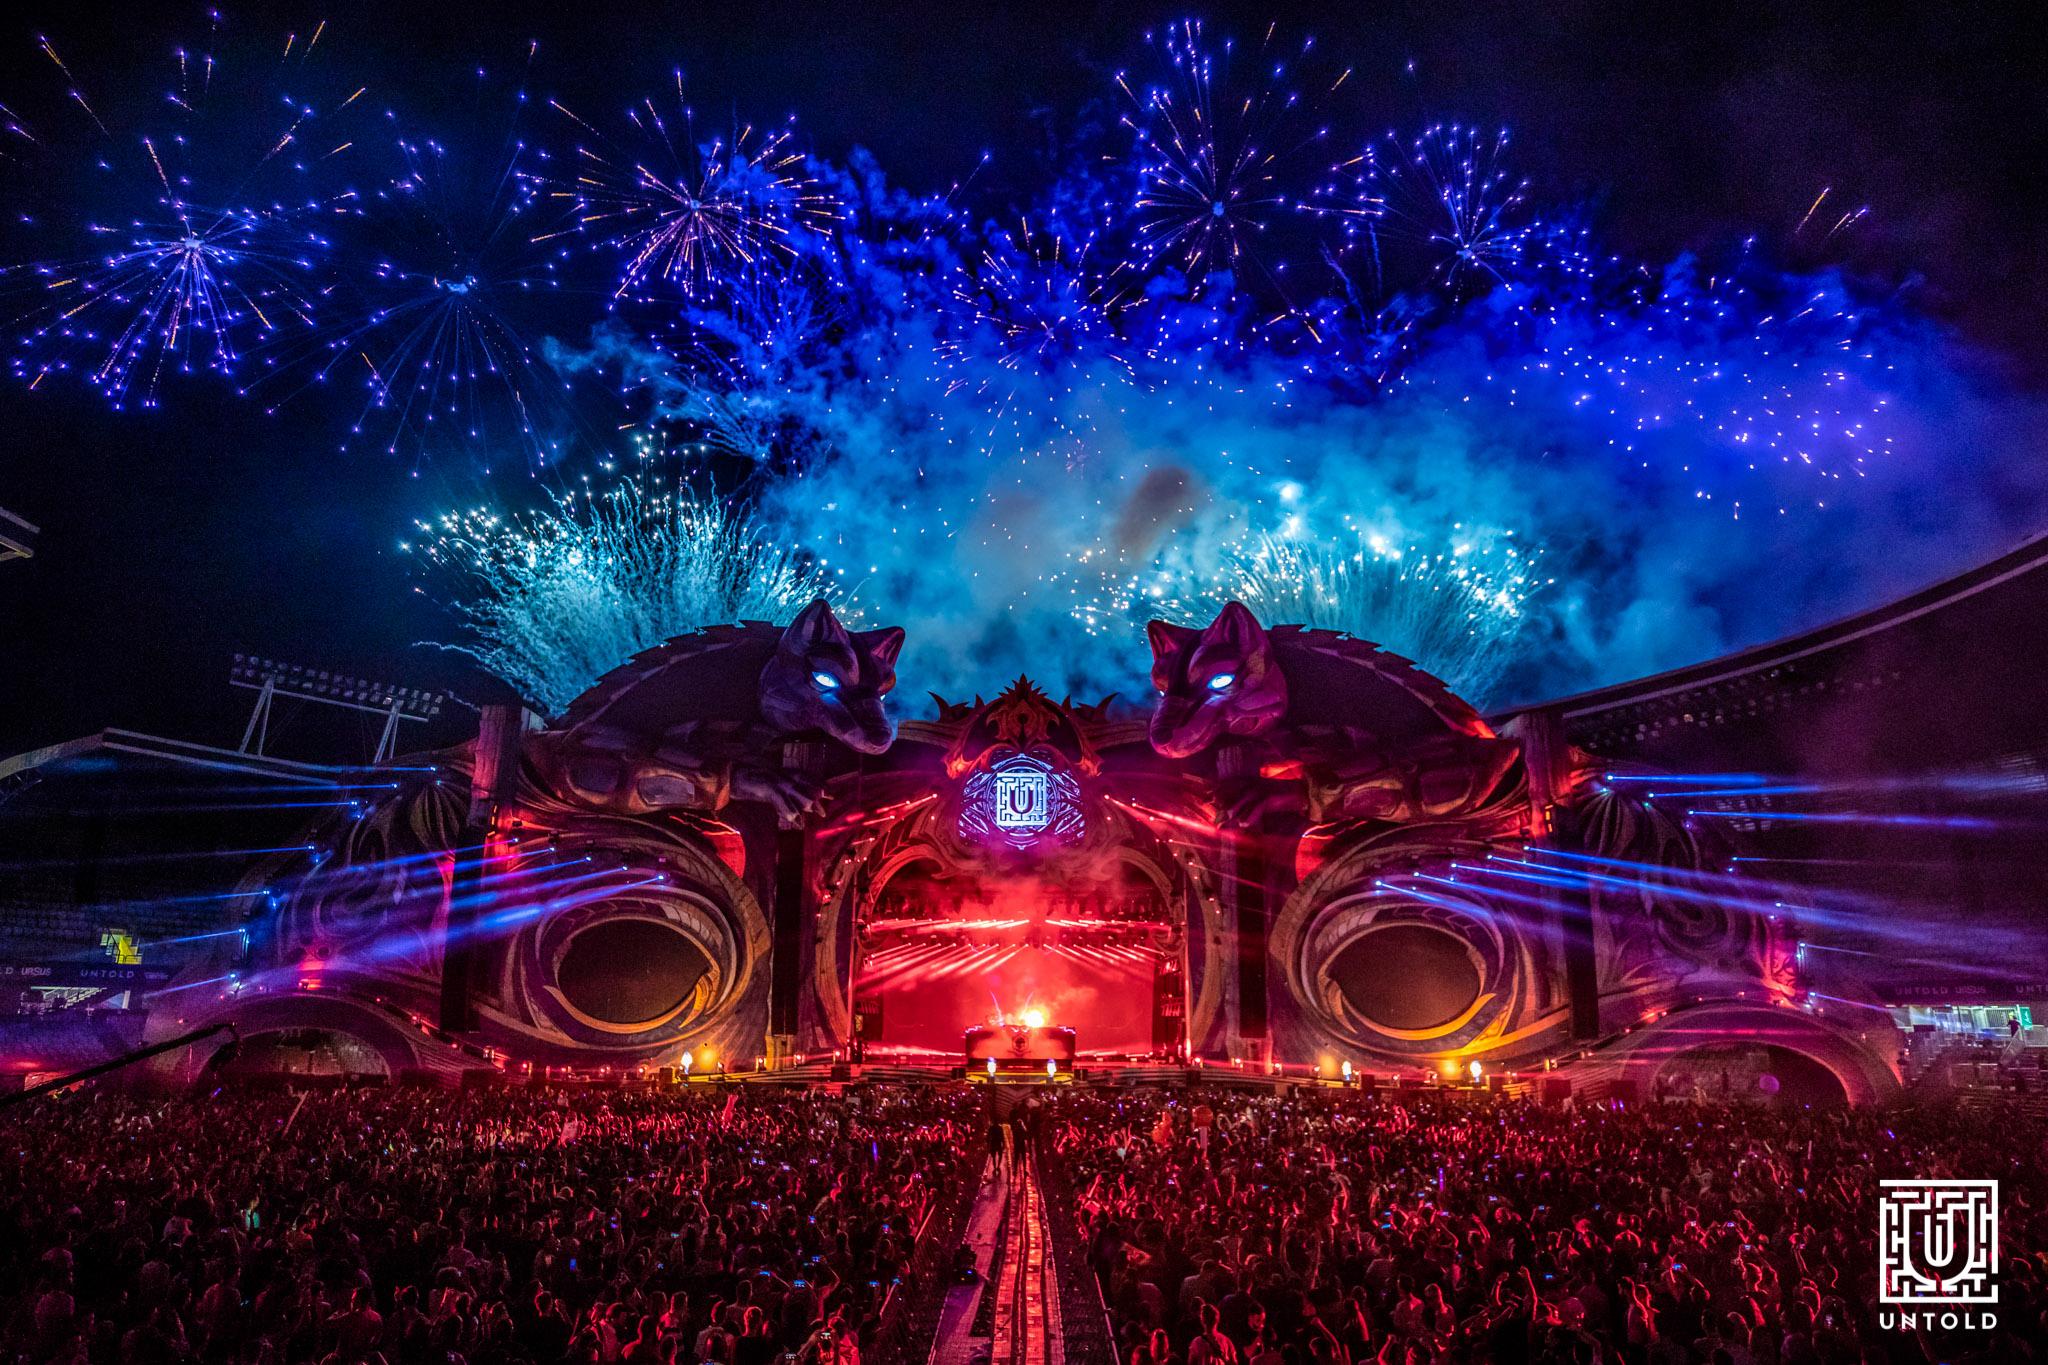 RECORD de participanţi în ziua a 2-a la UNTOLD – Peste 89.000 de festivalieri au venit vineri să trăiască experienţa festivalului!